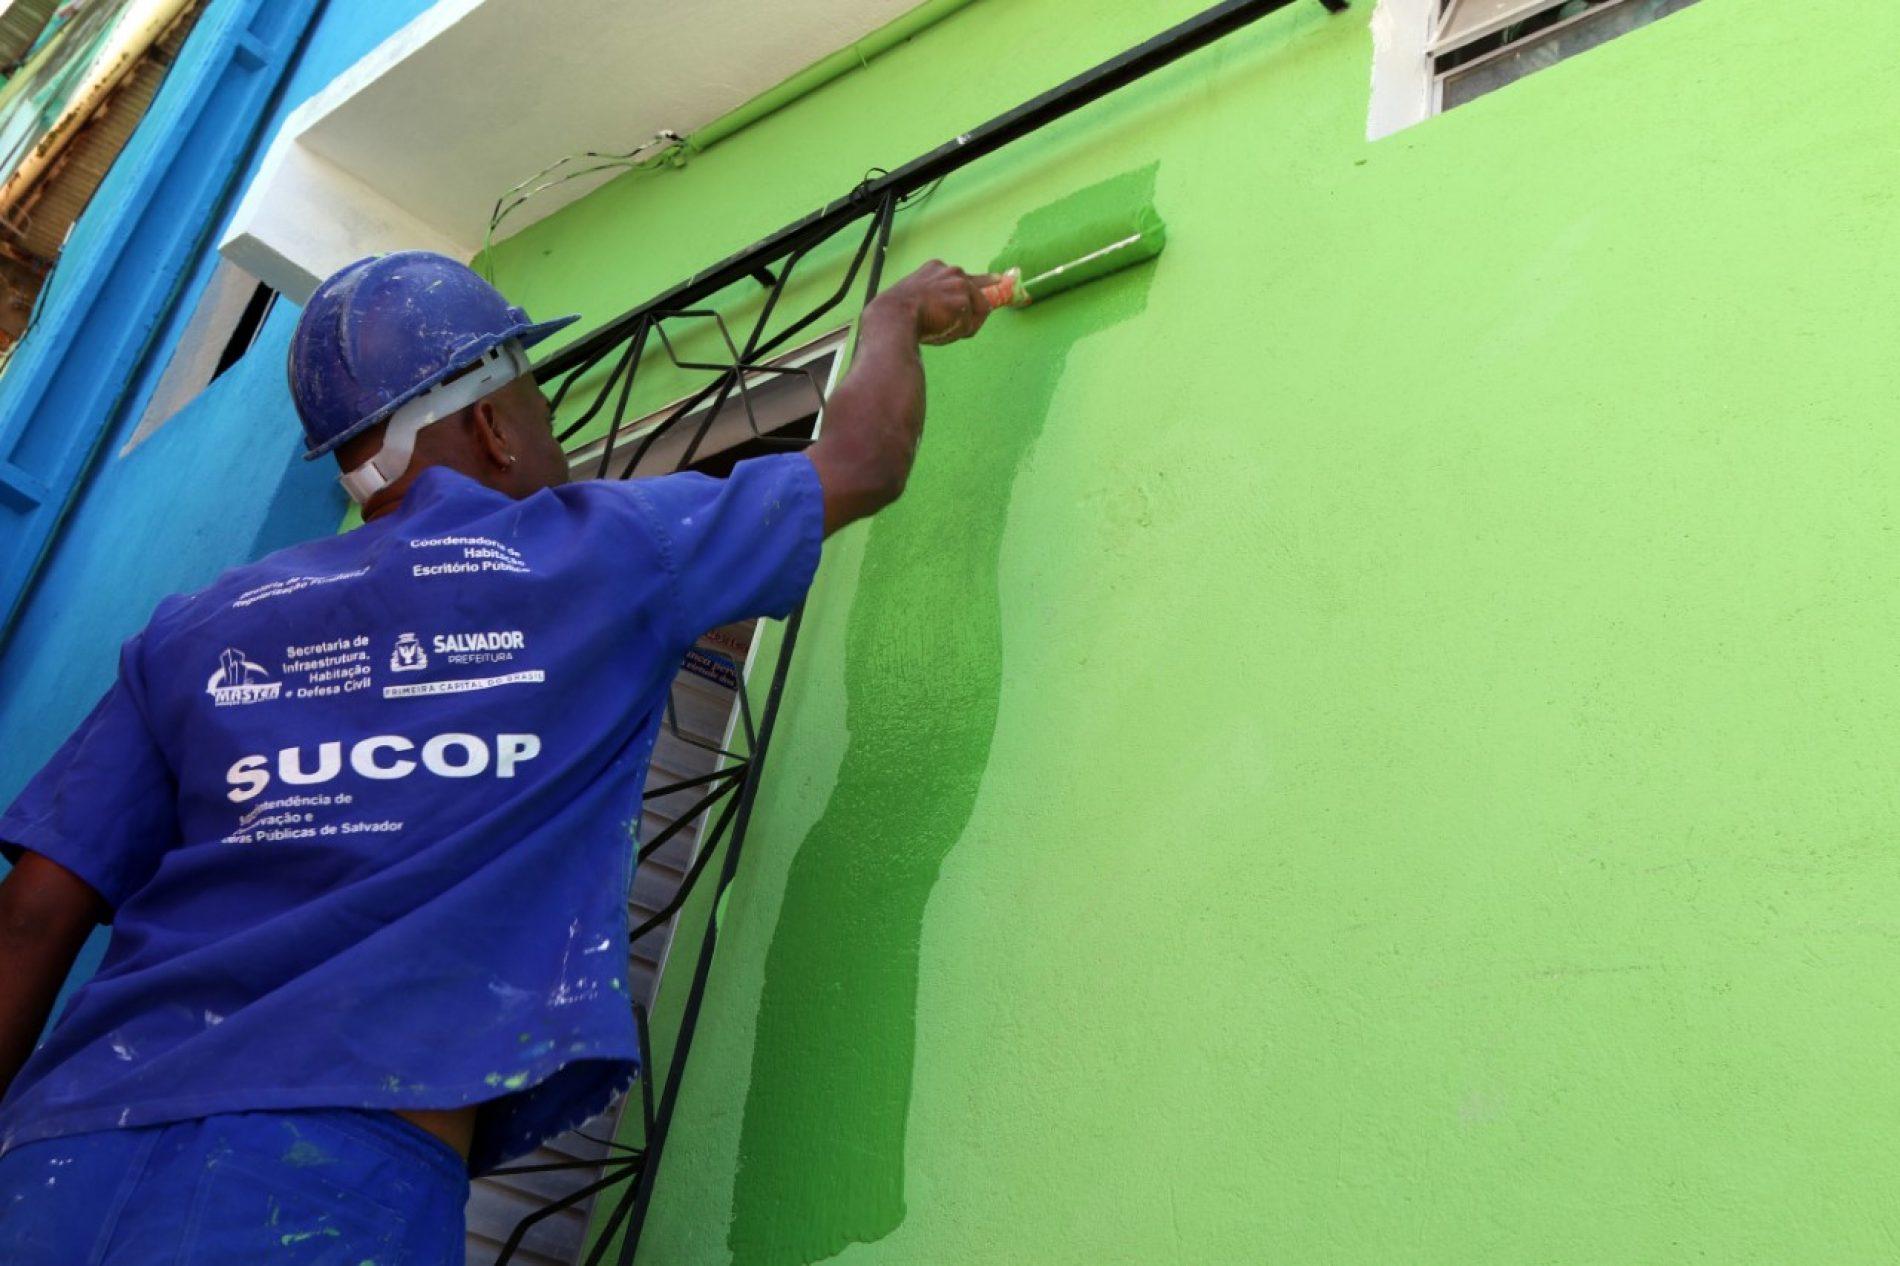 Salvador: Morar Melhor possibilita beneficiados a reformarem casas dos próprios bairros